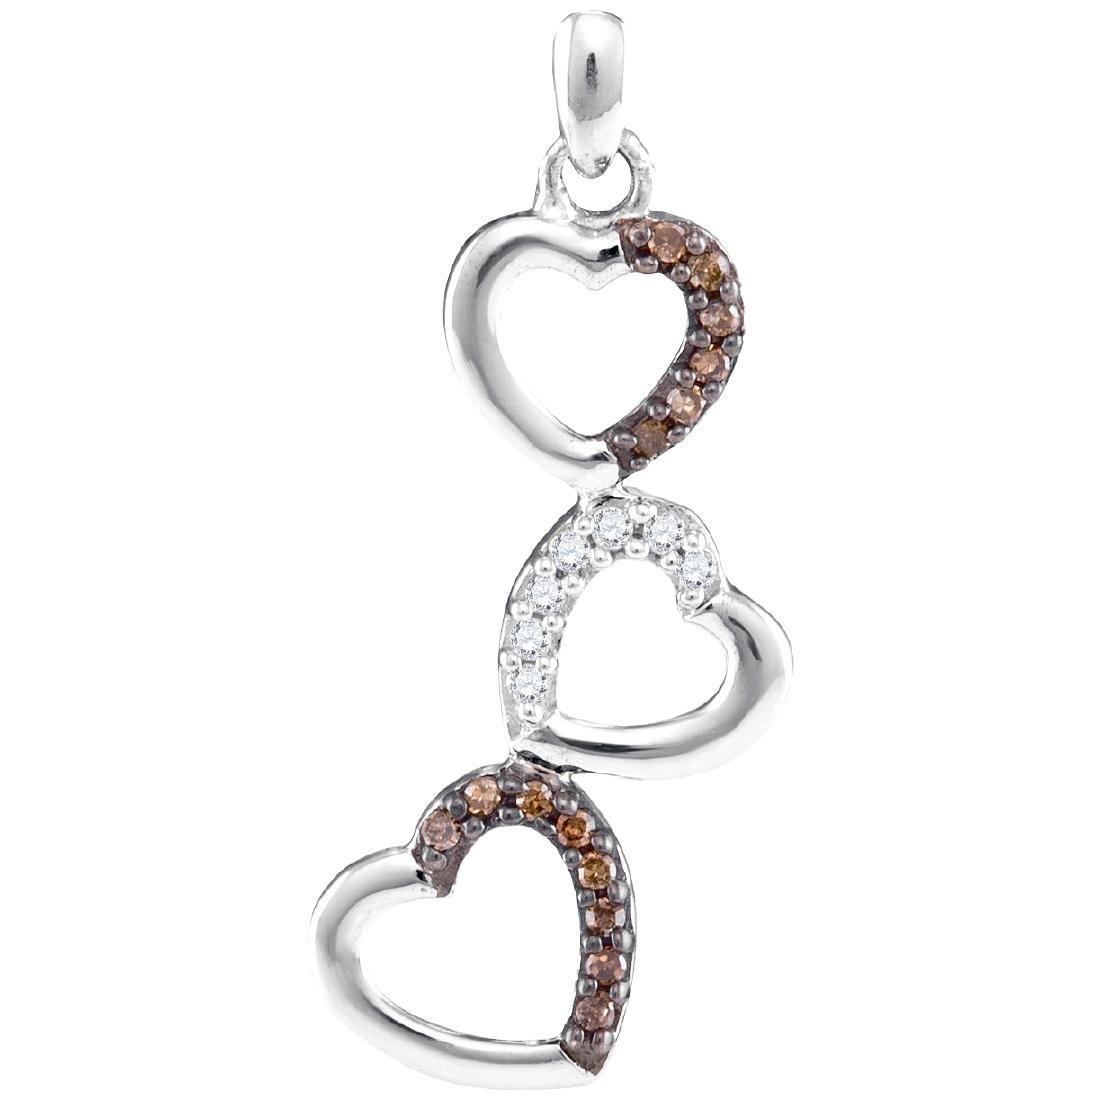 0.17 CTW Cognac-brown Color Diamond Triple Heart Love